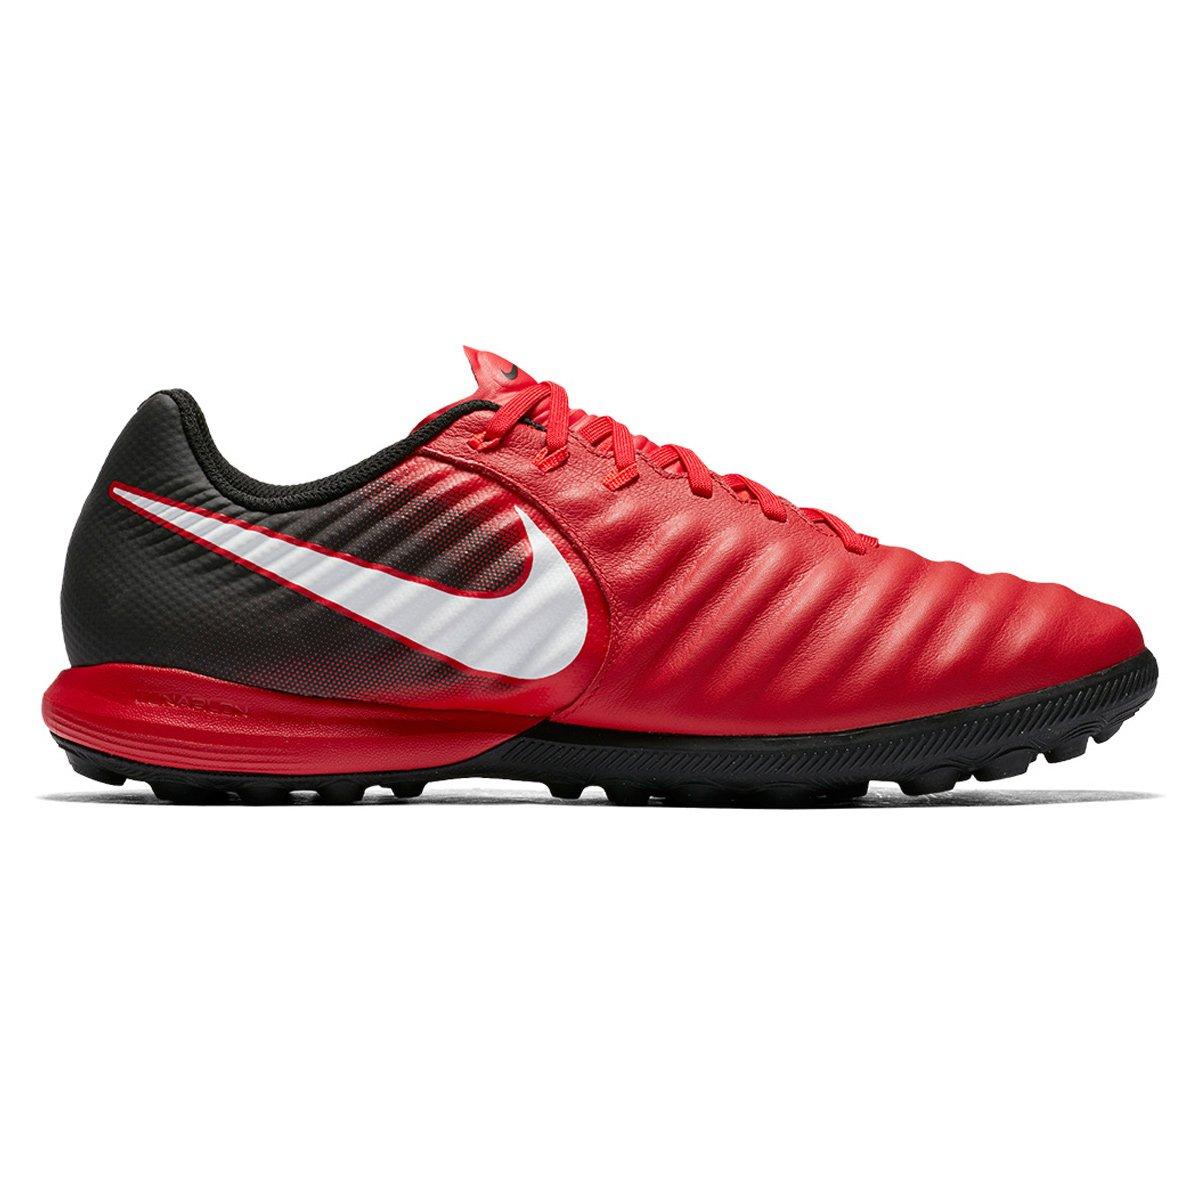 a158c63bf7 Chuteira Society Nike Tiempo Finale TF - Vermelho e Branco - Compre ...